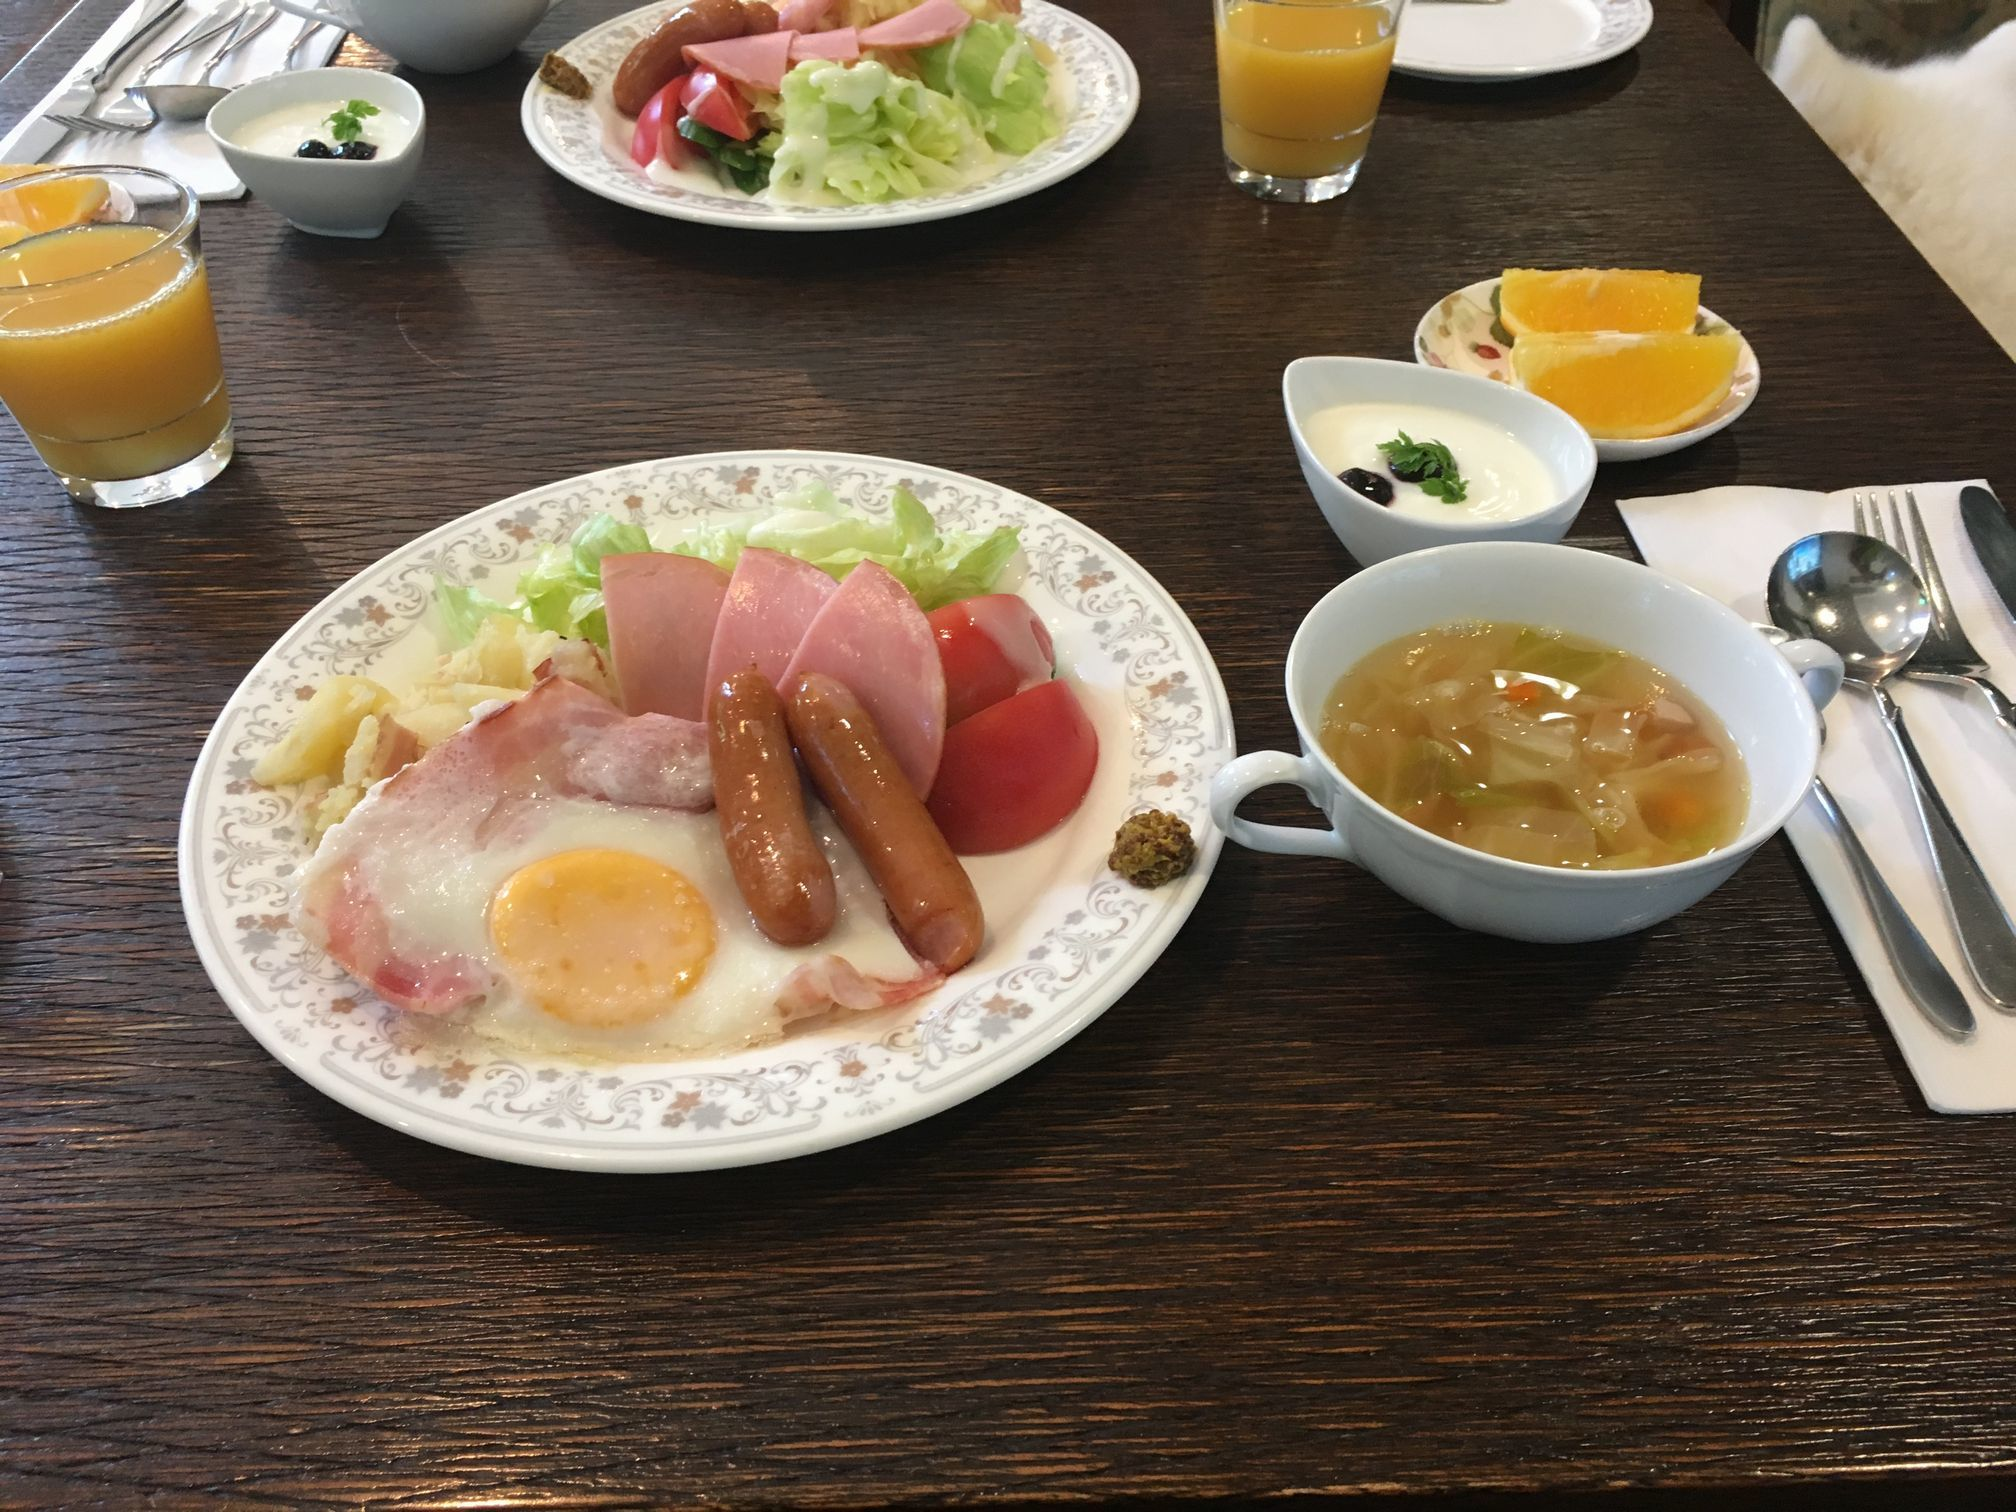 んまいもんシリーズ 2017年秋 宮城~福島旅行編_f0128542_02342131.jpg